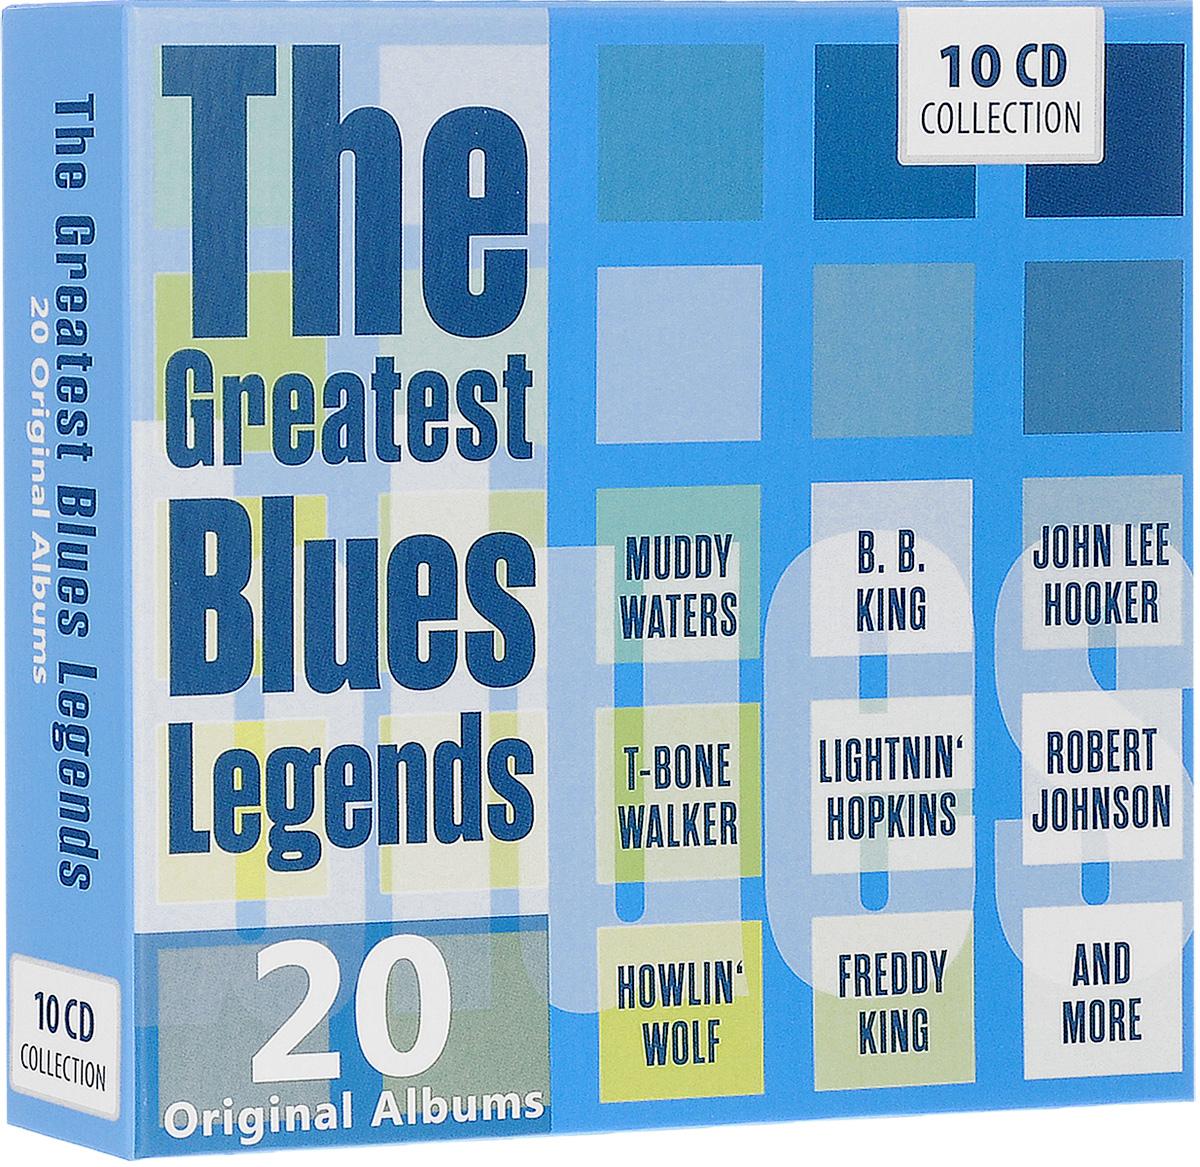 Мадди Уотерс,Артур Бернетт Честер,Би Би Кинг,Лайтнин Хопкинс,Джон Ли Хукер,Джимми Рид The Greatest Blues Legends. 20 Original Albums (10 CD) бадди гай роберт джонсон артур бернетт честер мадди уотерс этта джеймс вилли диксон 100 years of the blues 2 cd